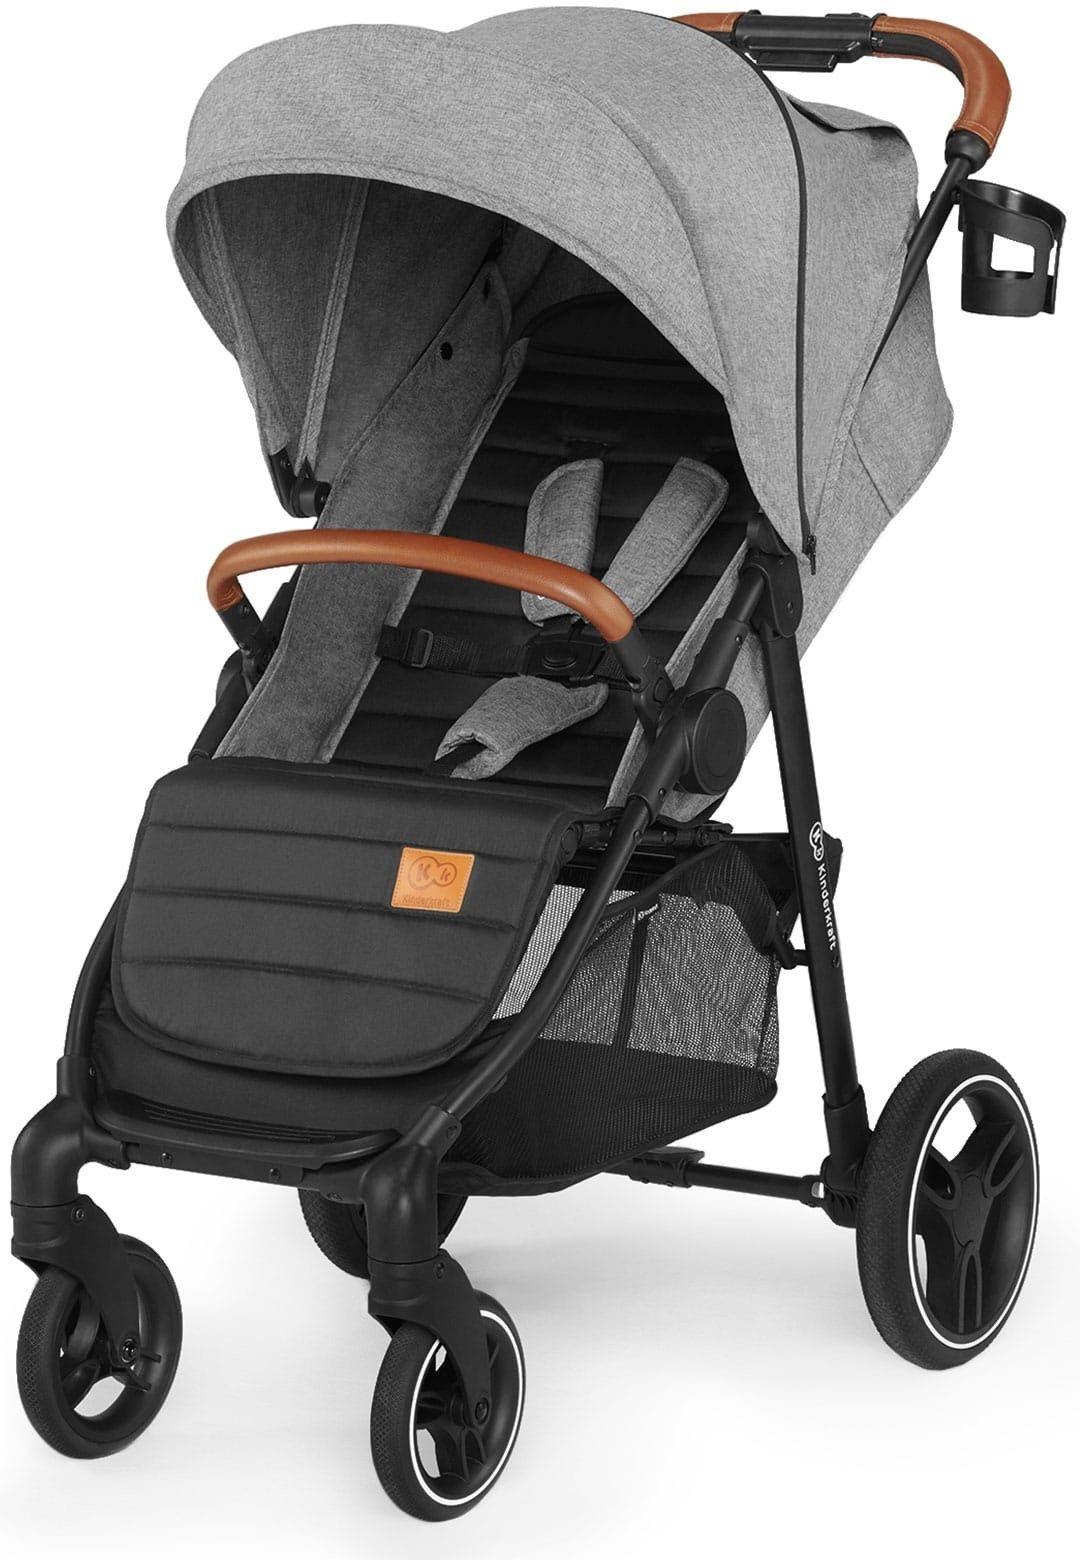 Kinderkraft Grande LX 2020 wózek spacerowy szary